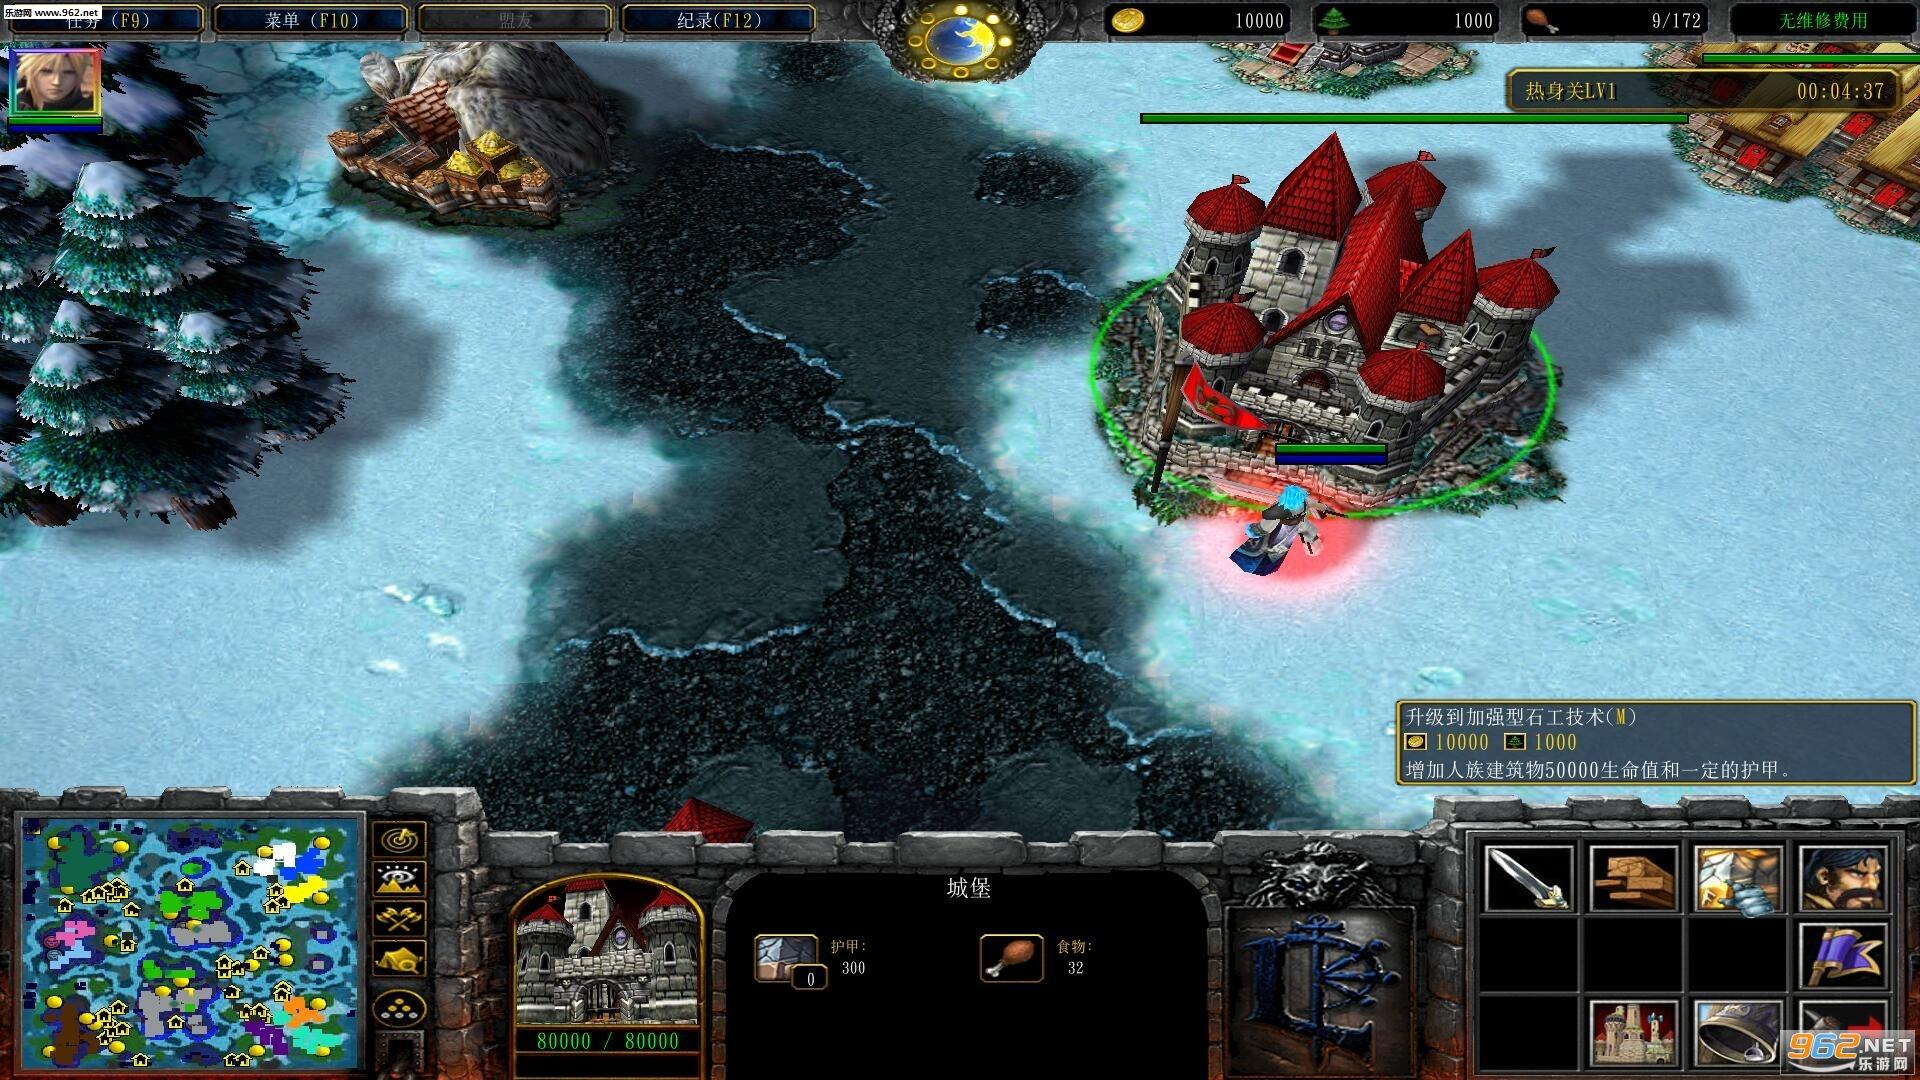 魔兽rpg地图 恶魔岛2.5正式版 附隐藏攻略下载-乐游网